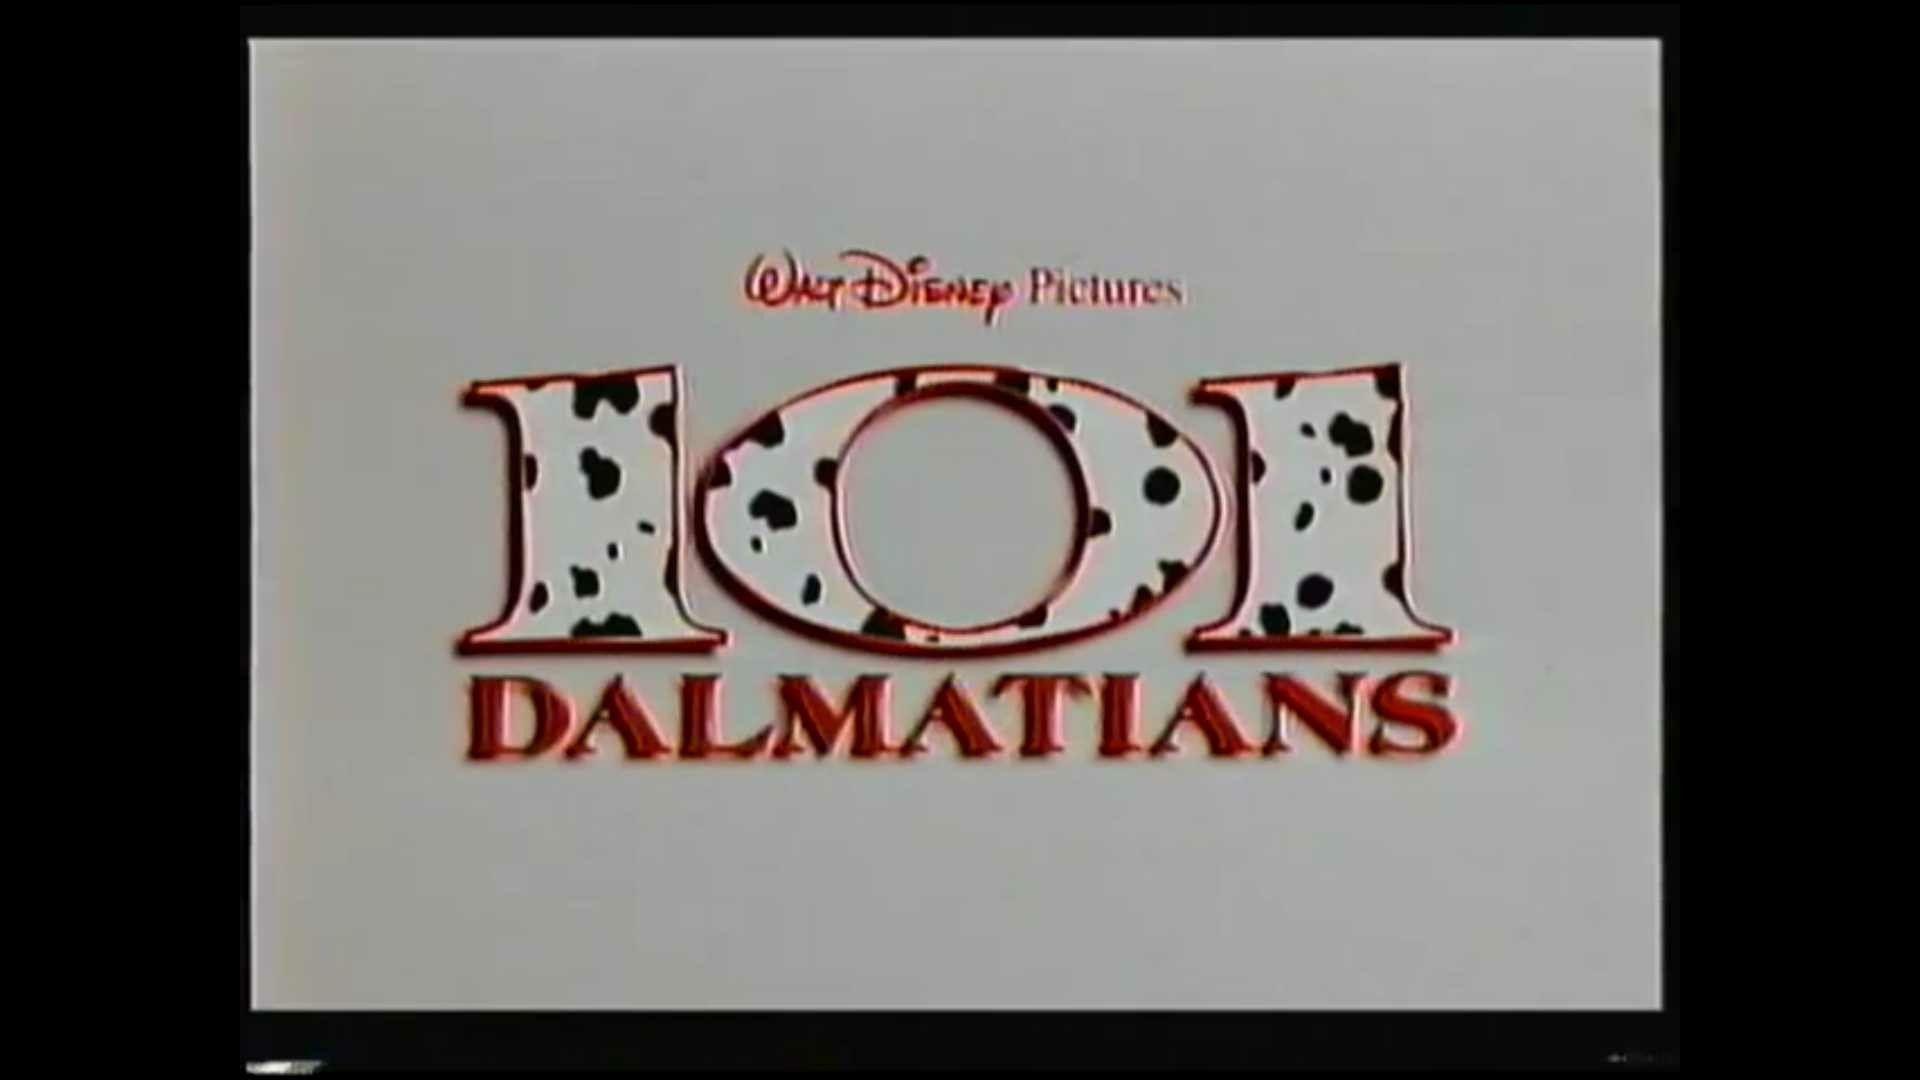 101 Dalmatians Porn 101 dalmatians (live action) trailer | disney pictures, live